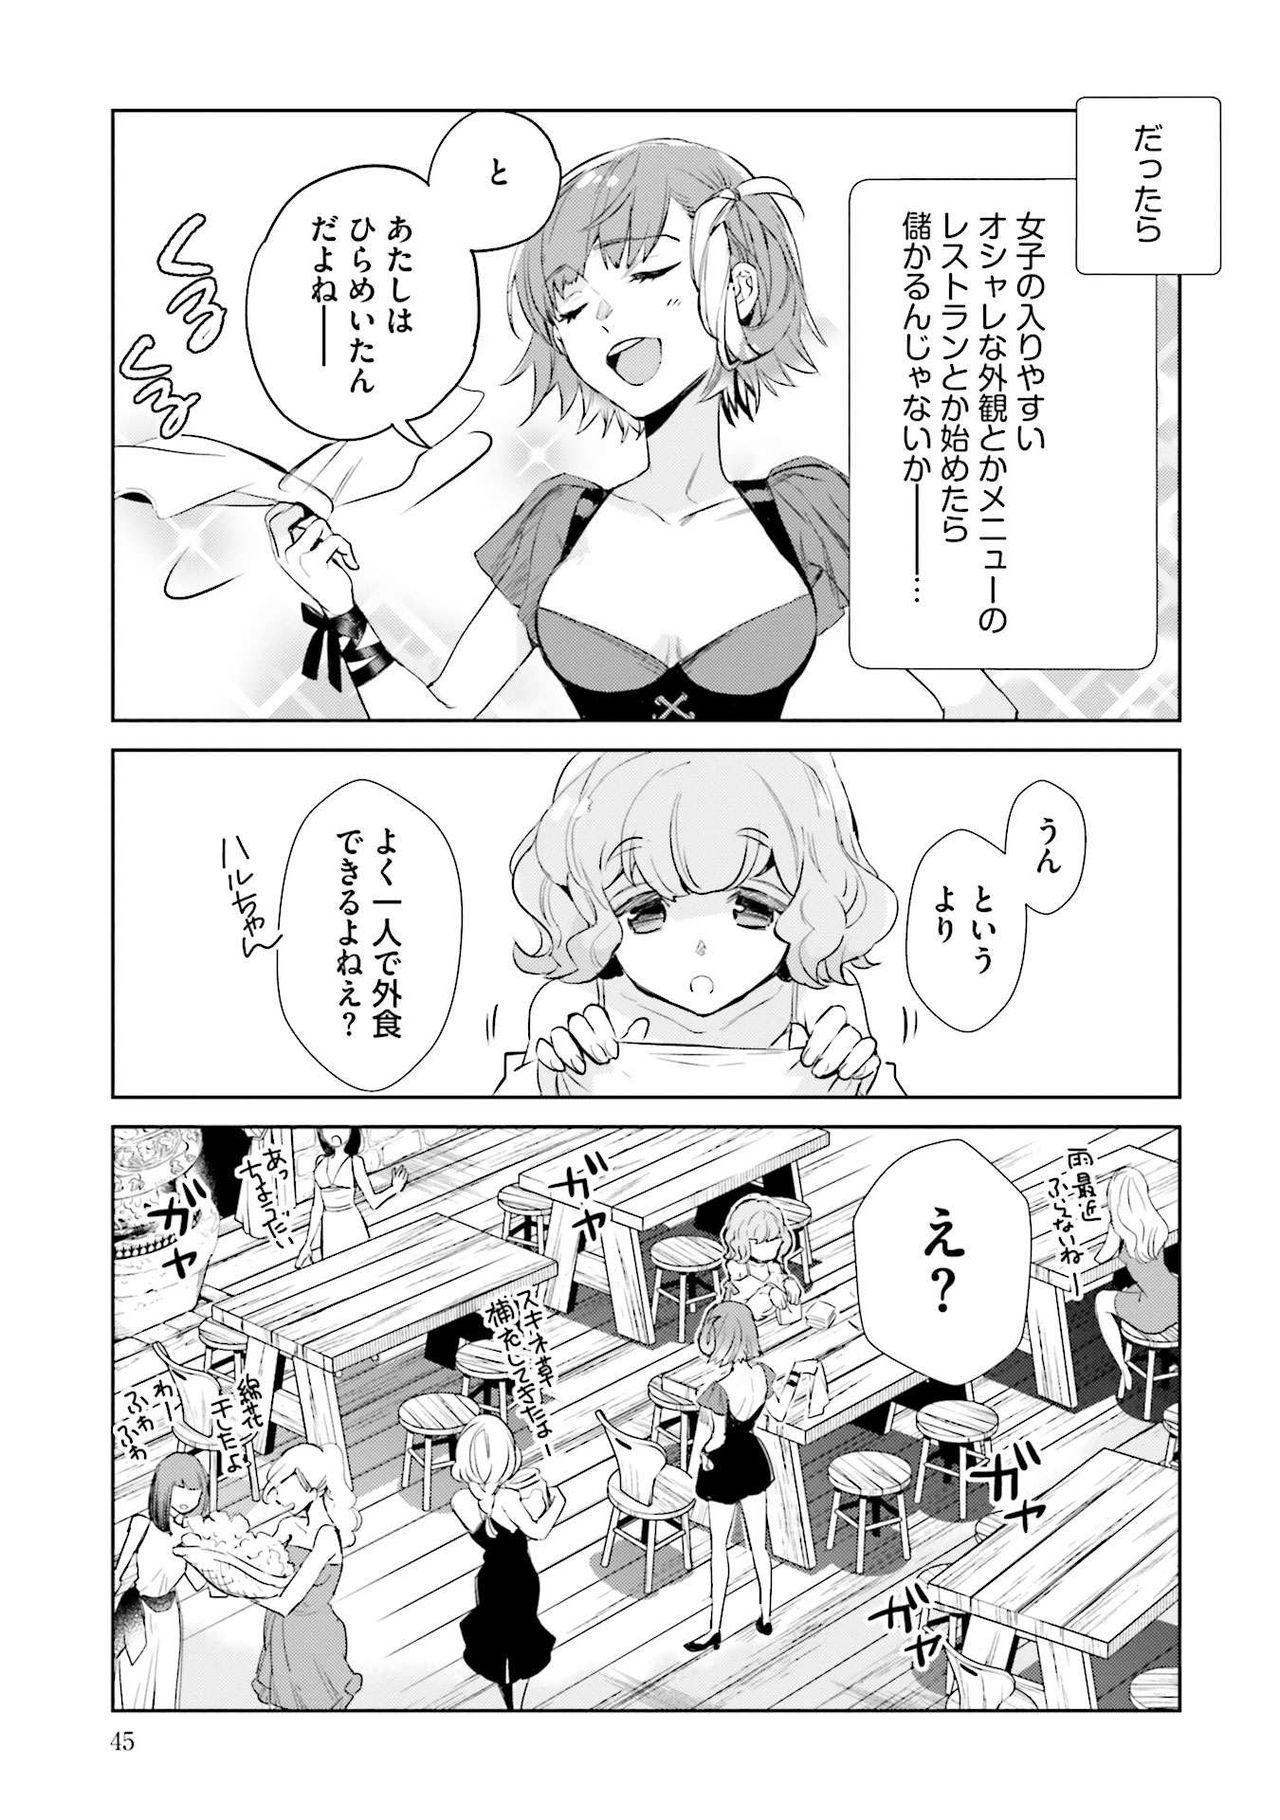 JK Haru wa Isekai de Shoufu ni Natta 1-14 46